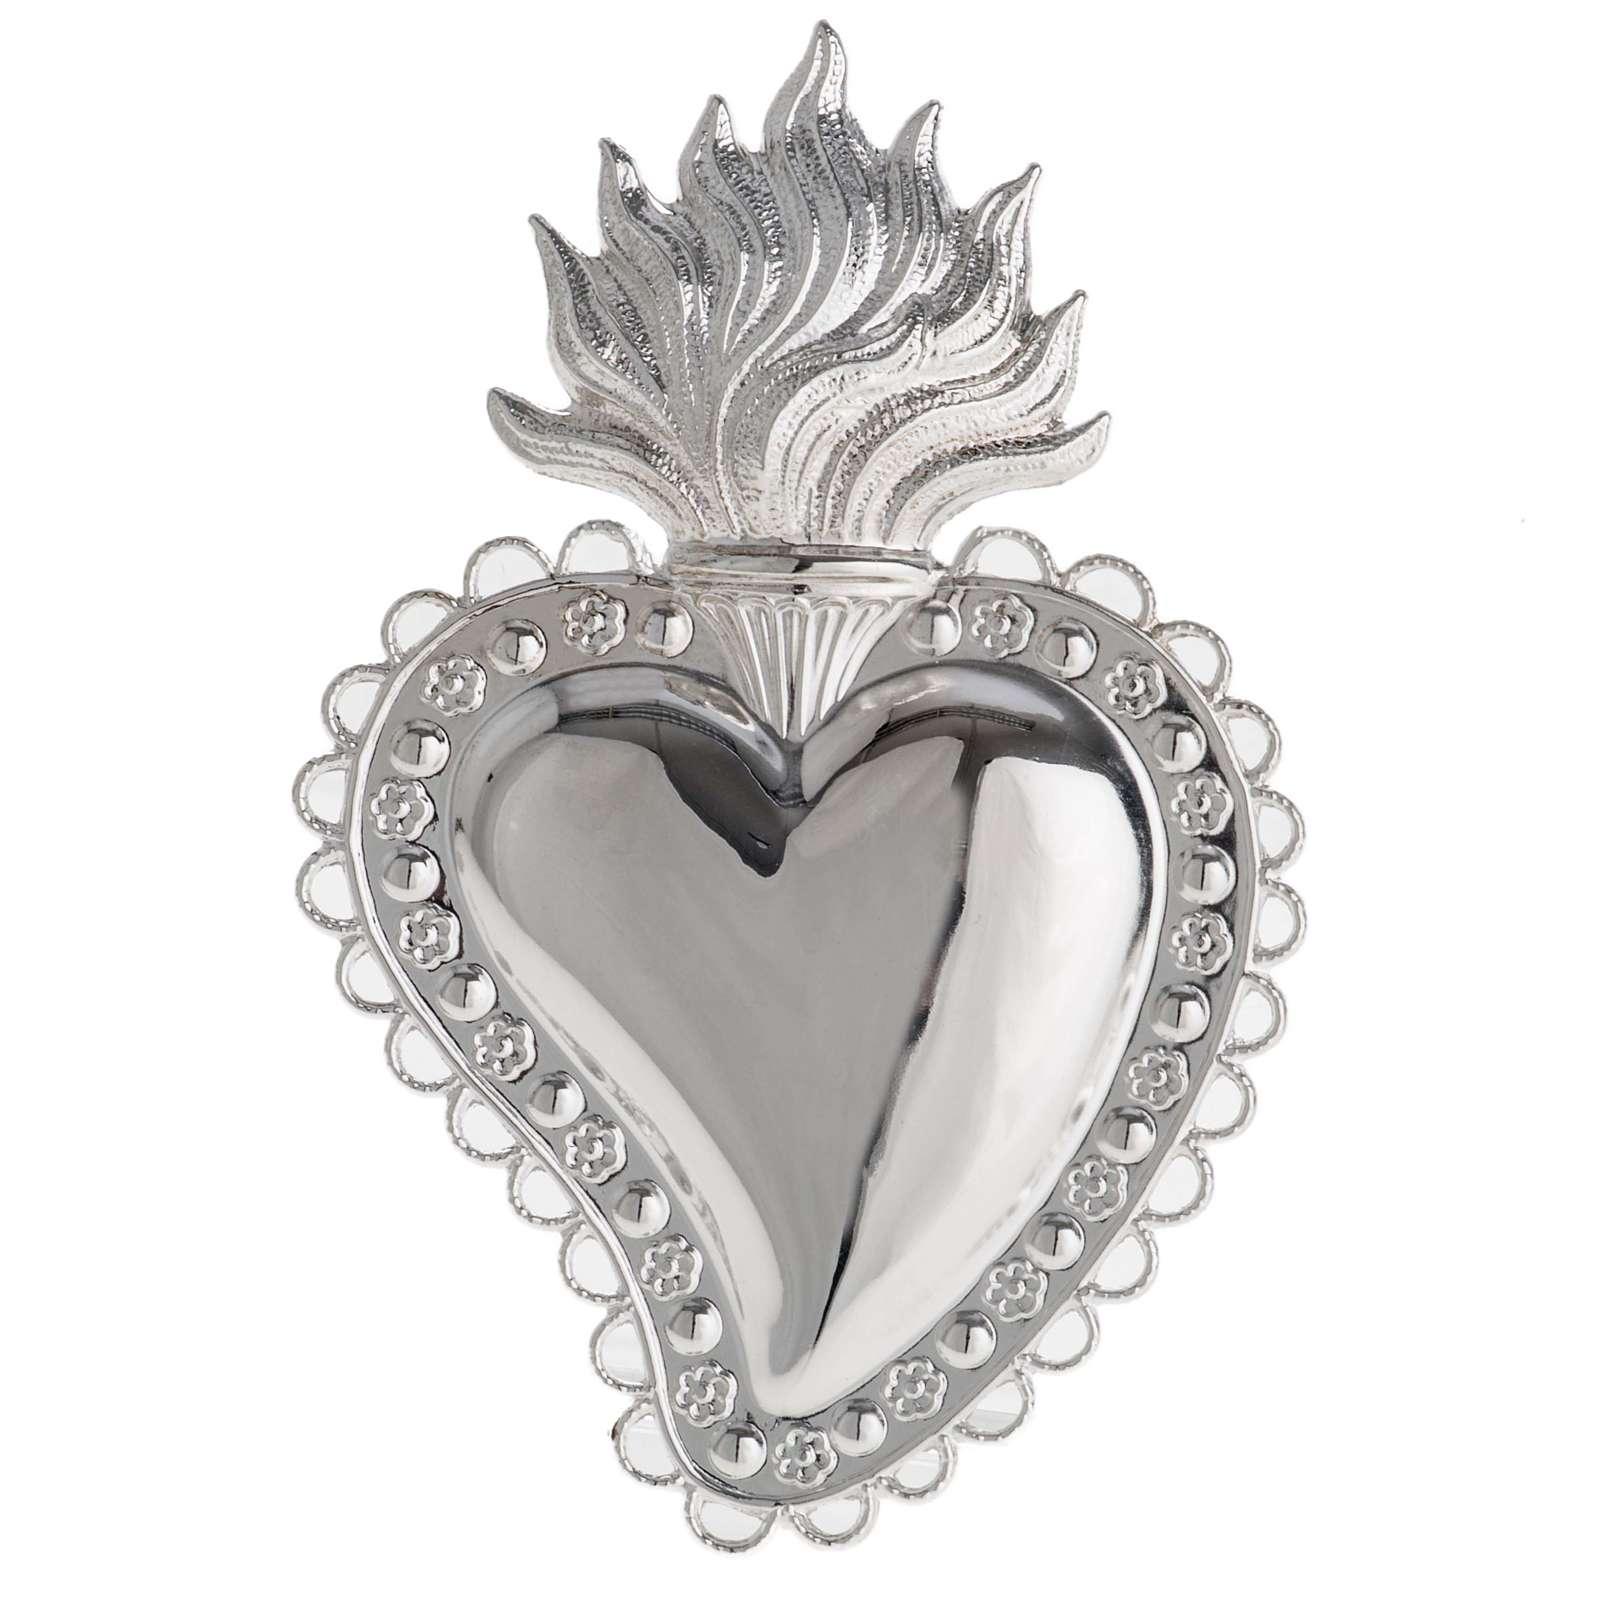 Votivgabe flammendes Herz mit floralem Dekor 10.5x7 cm 3